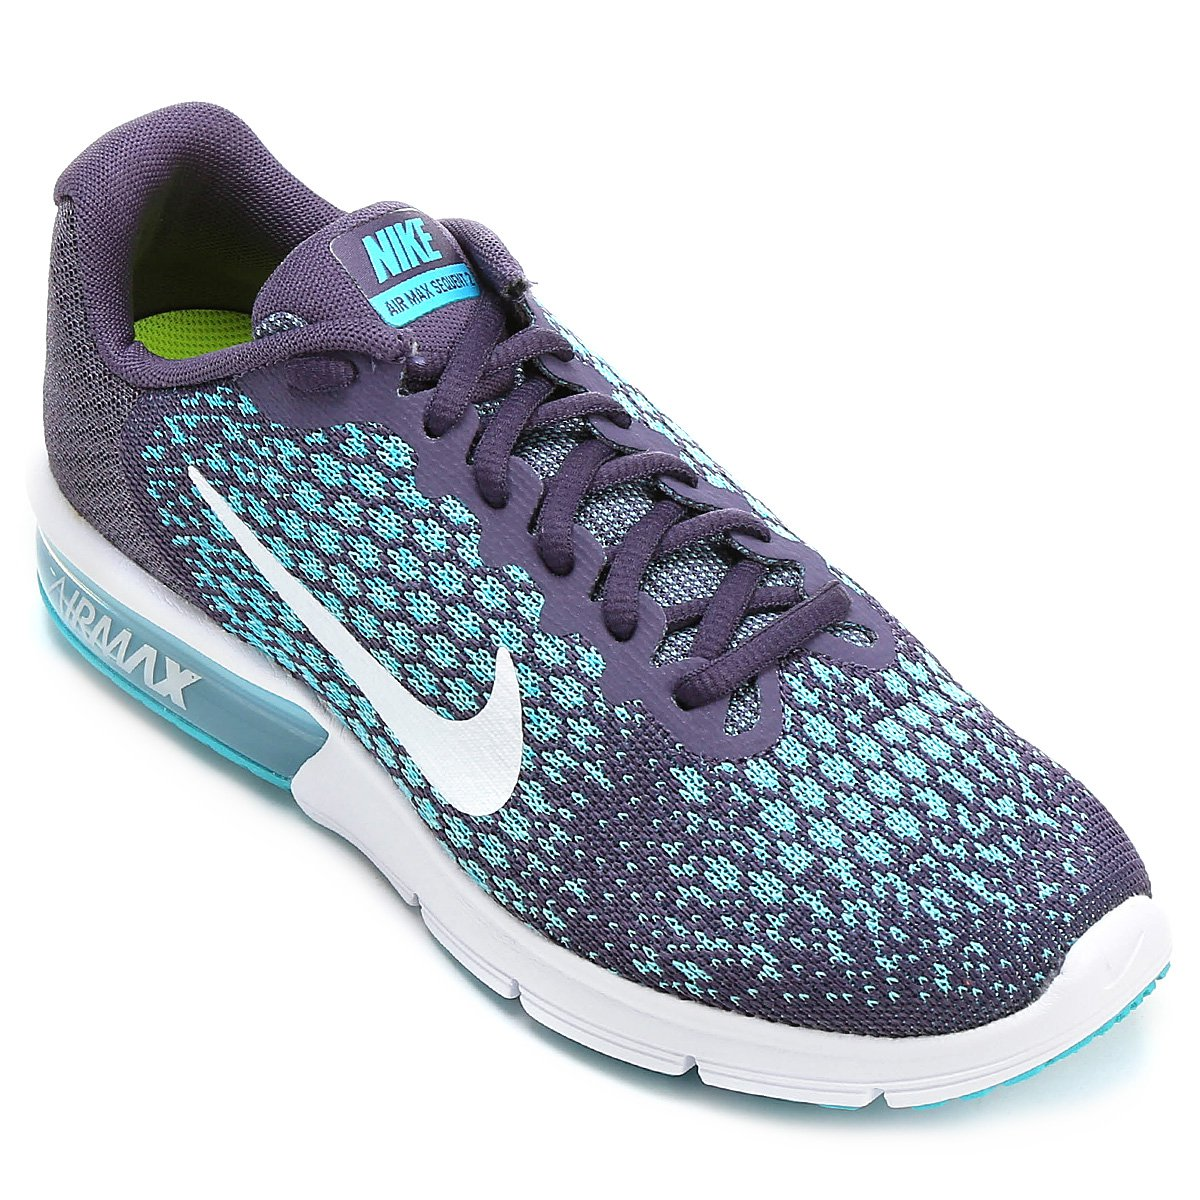 b87a04942e920 Tênis Nike Air Max Sequent 2 Feminino - Roxo e Azul - Compre Agora ...